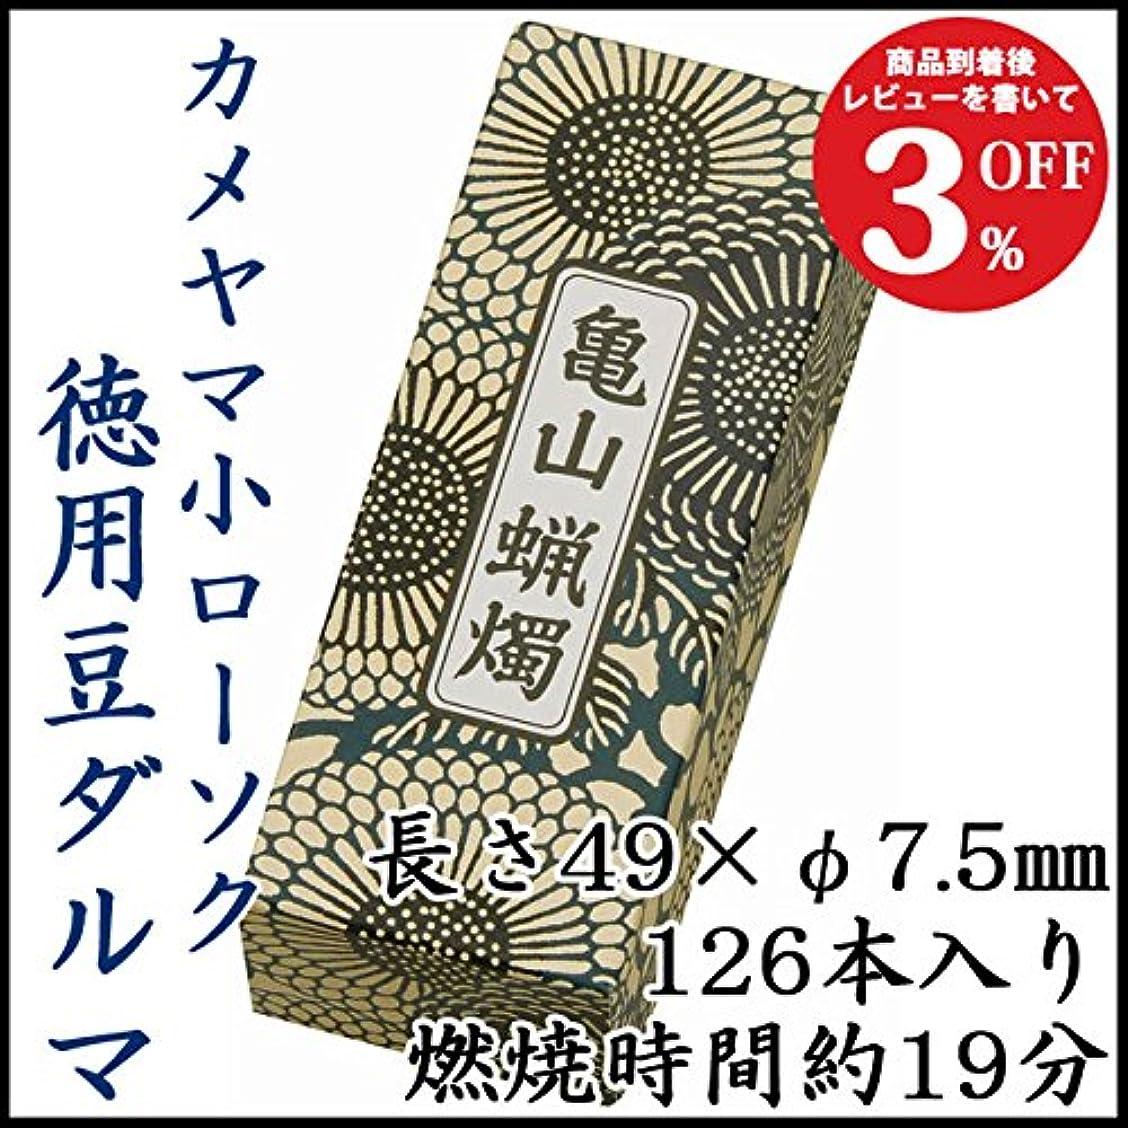 光沢のある反映する生産性カメヤマ小ローソク 徳用豆ダルマA#151 225g